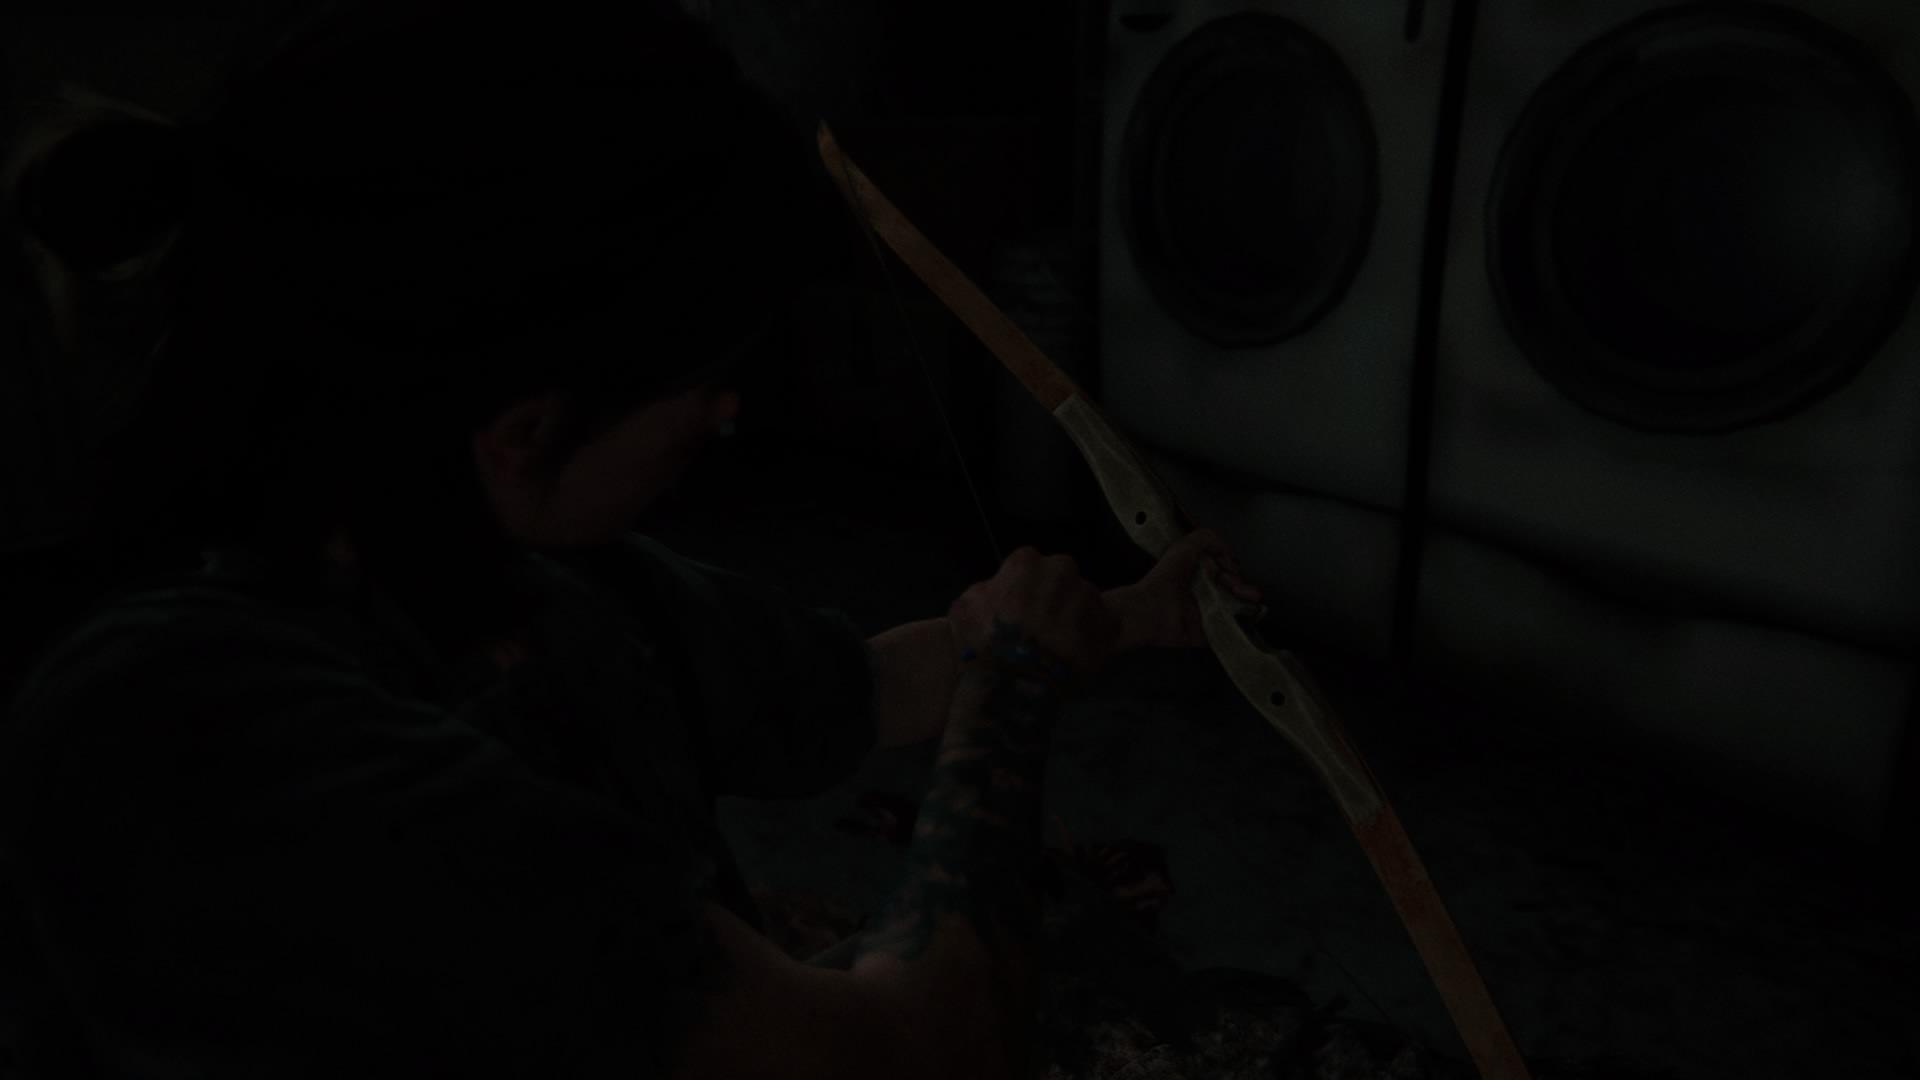 Ellie Bekommt Nach Einem Zweikampf Mit Einem Infizierten Den Bogen.